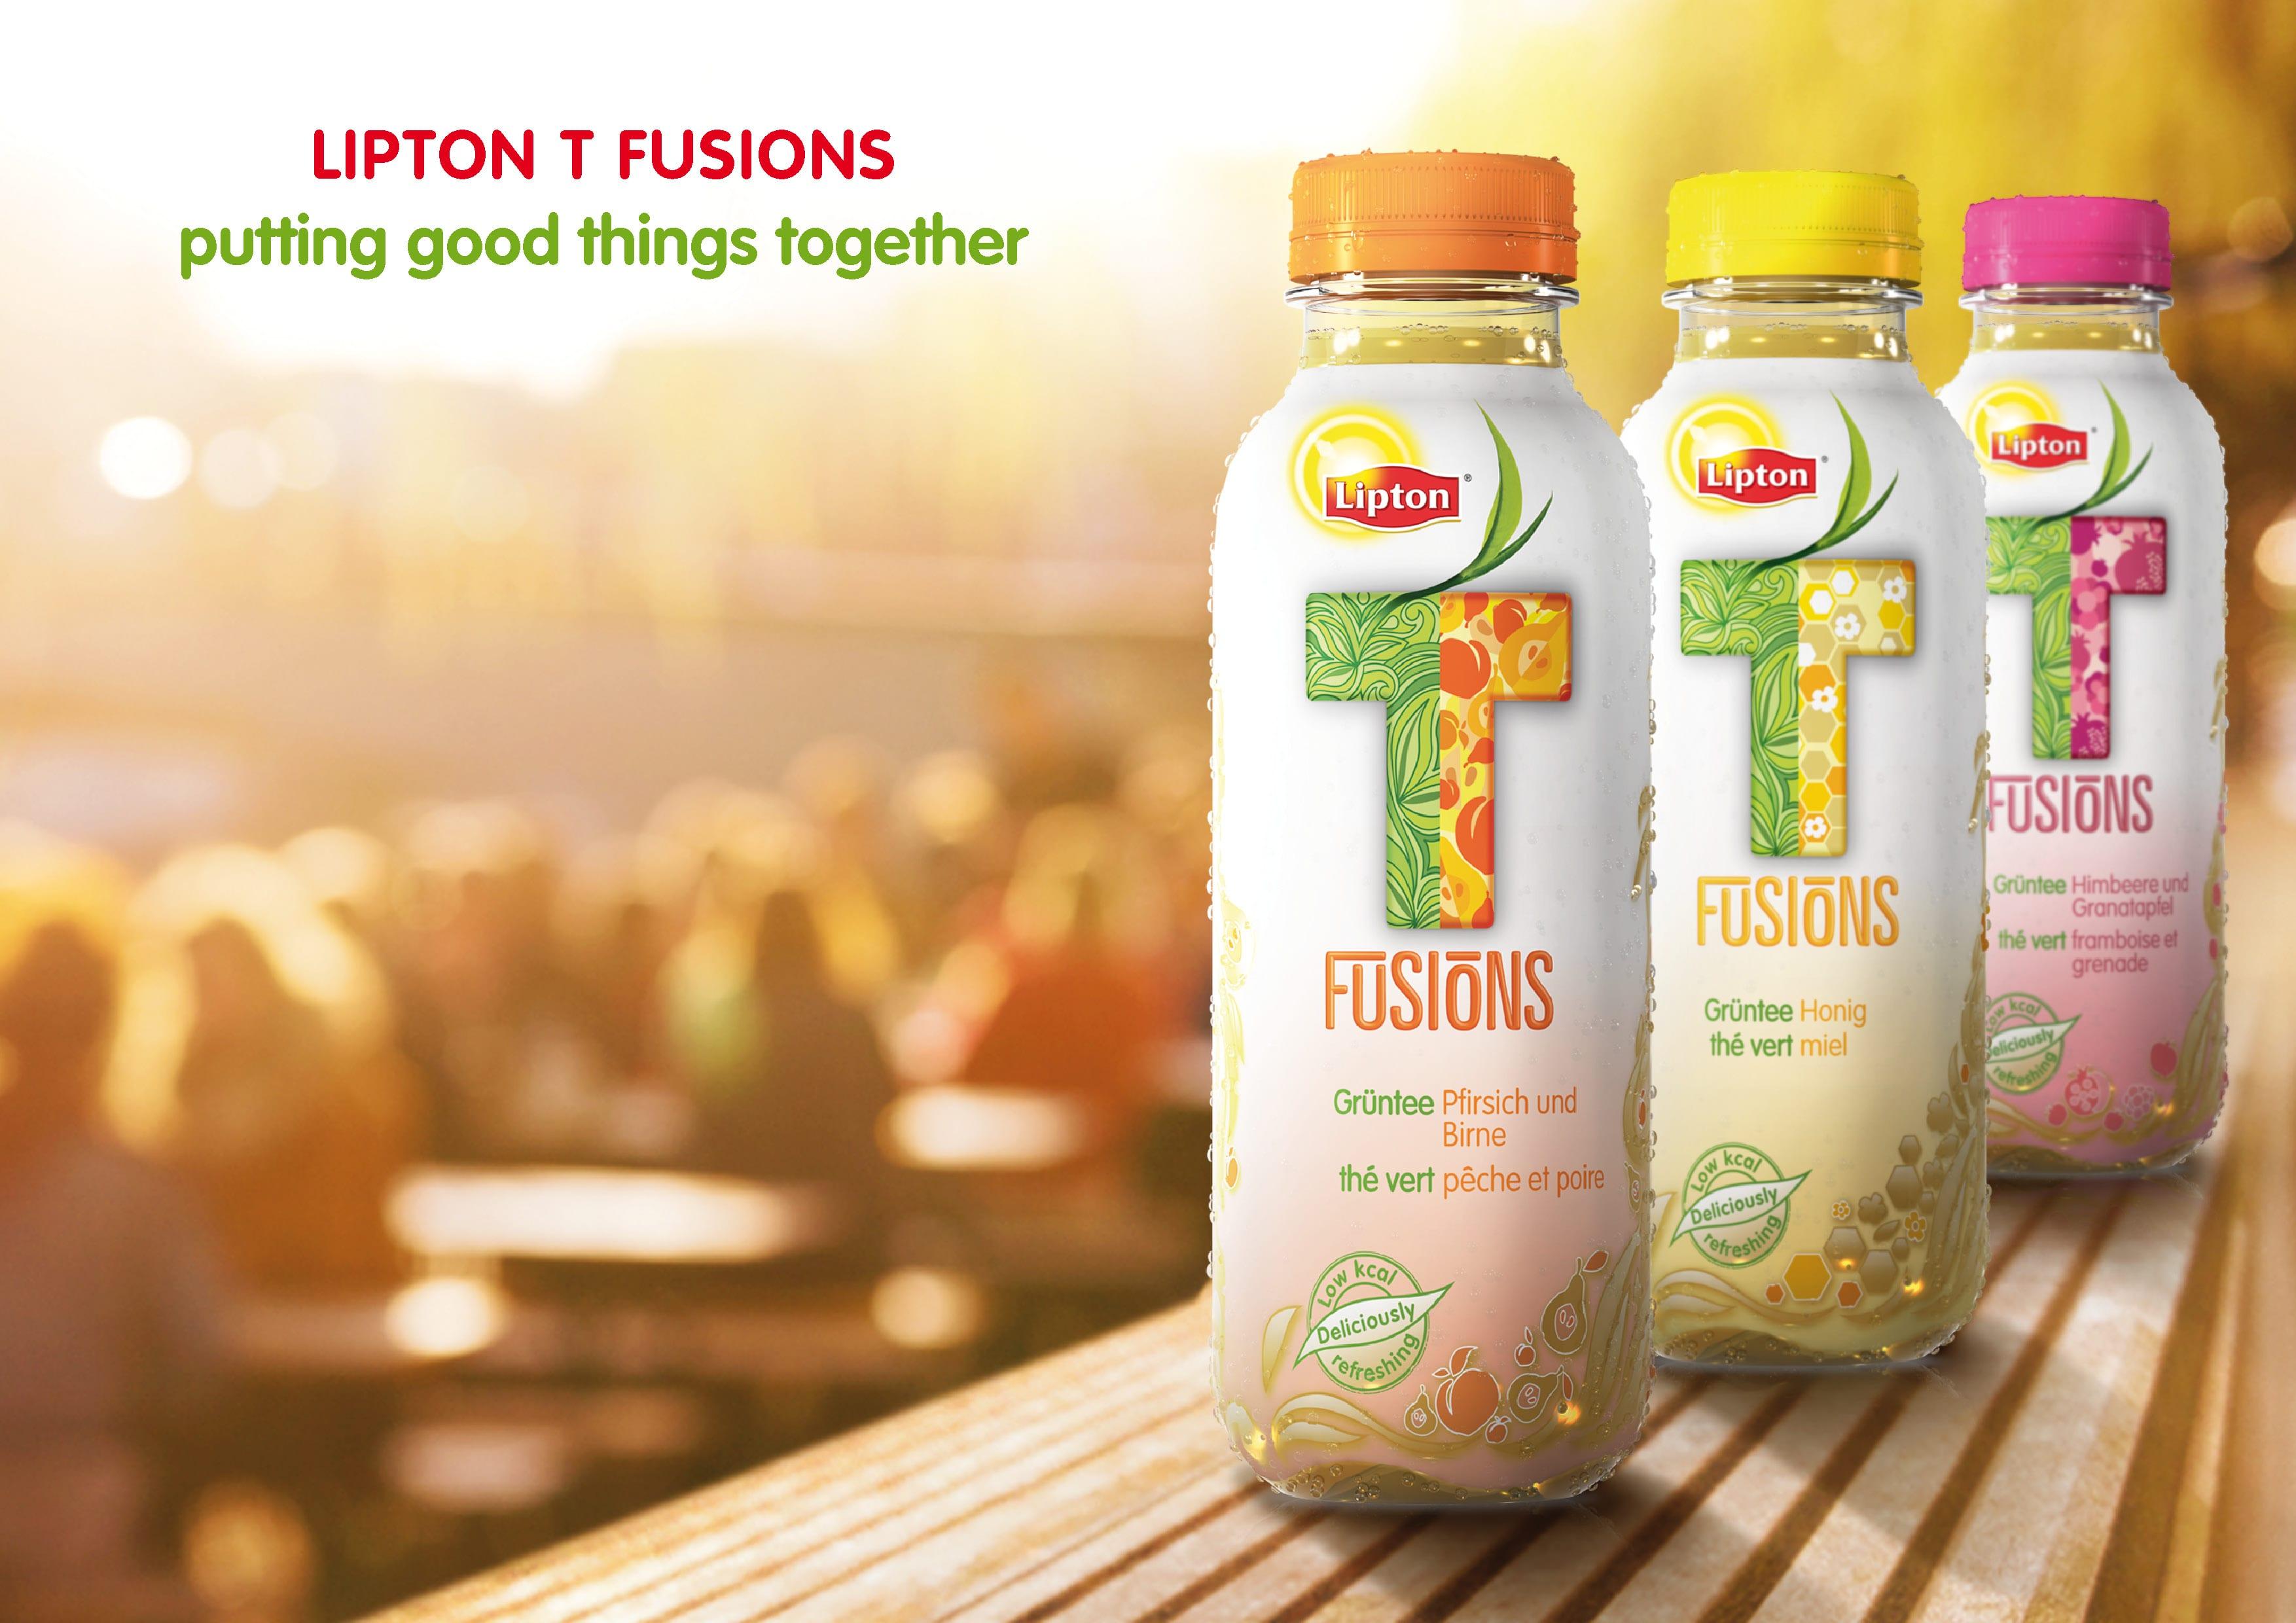 Lipton T Fusions, de nieuwe generatie Ice Tea